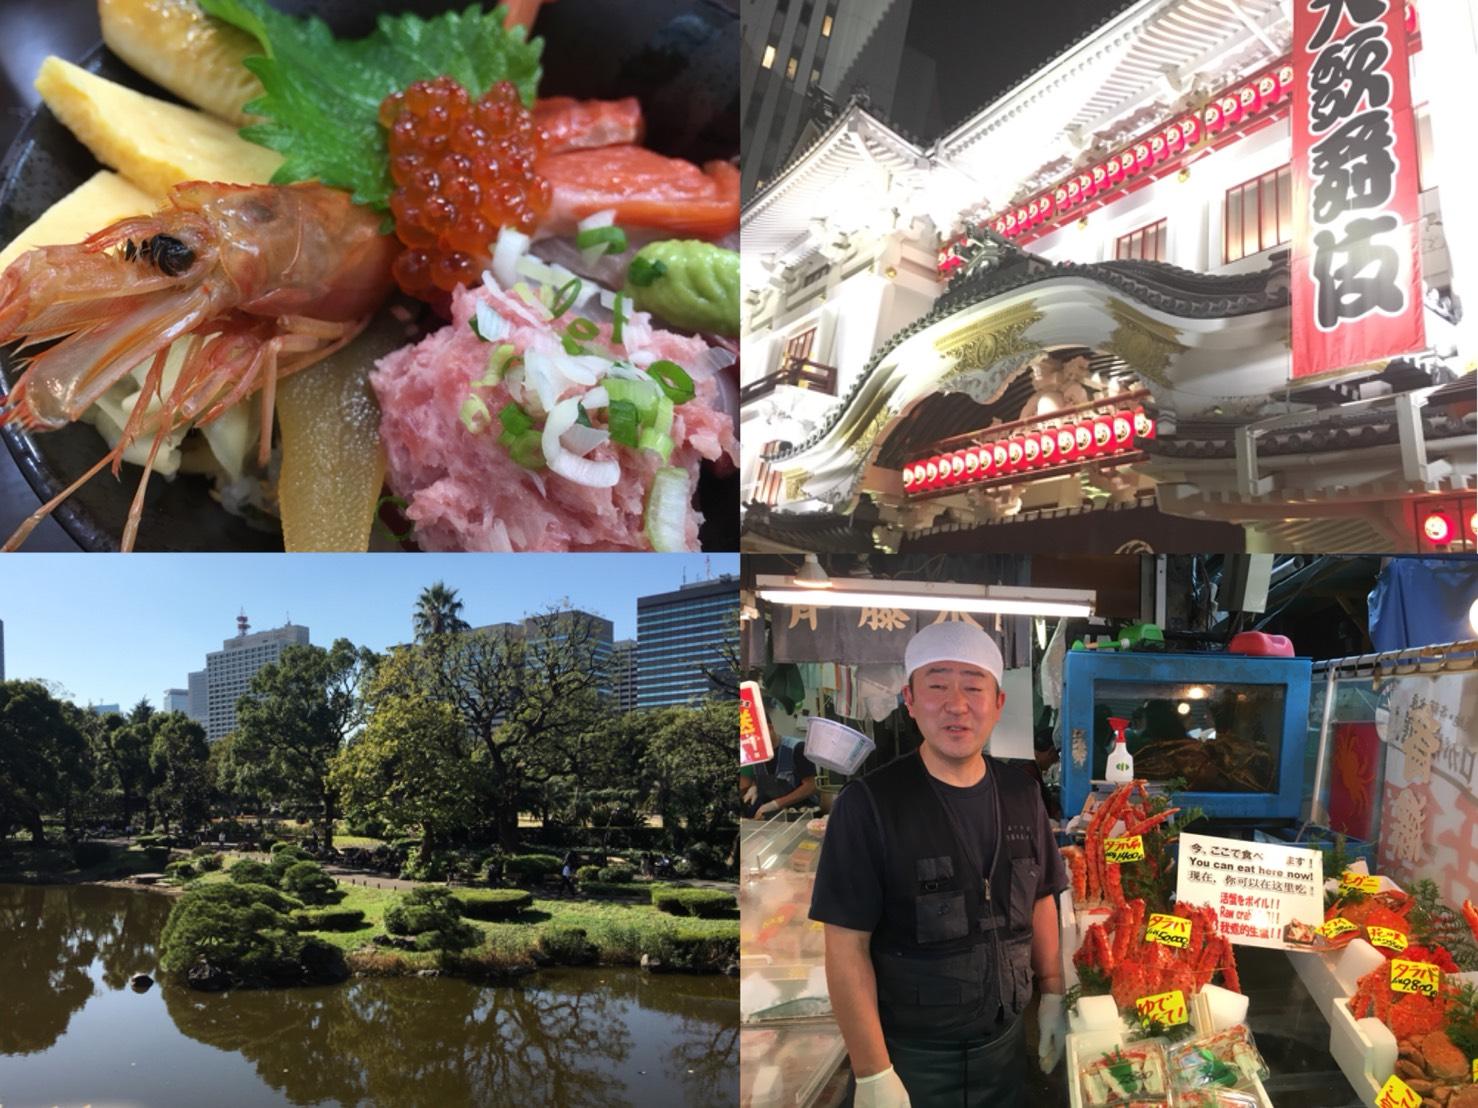 享受歌舞伎和購物!銀座的7個推薦觀光景點 在銀座、日本觀光、